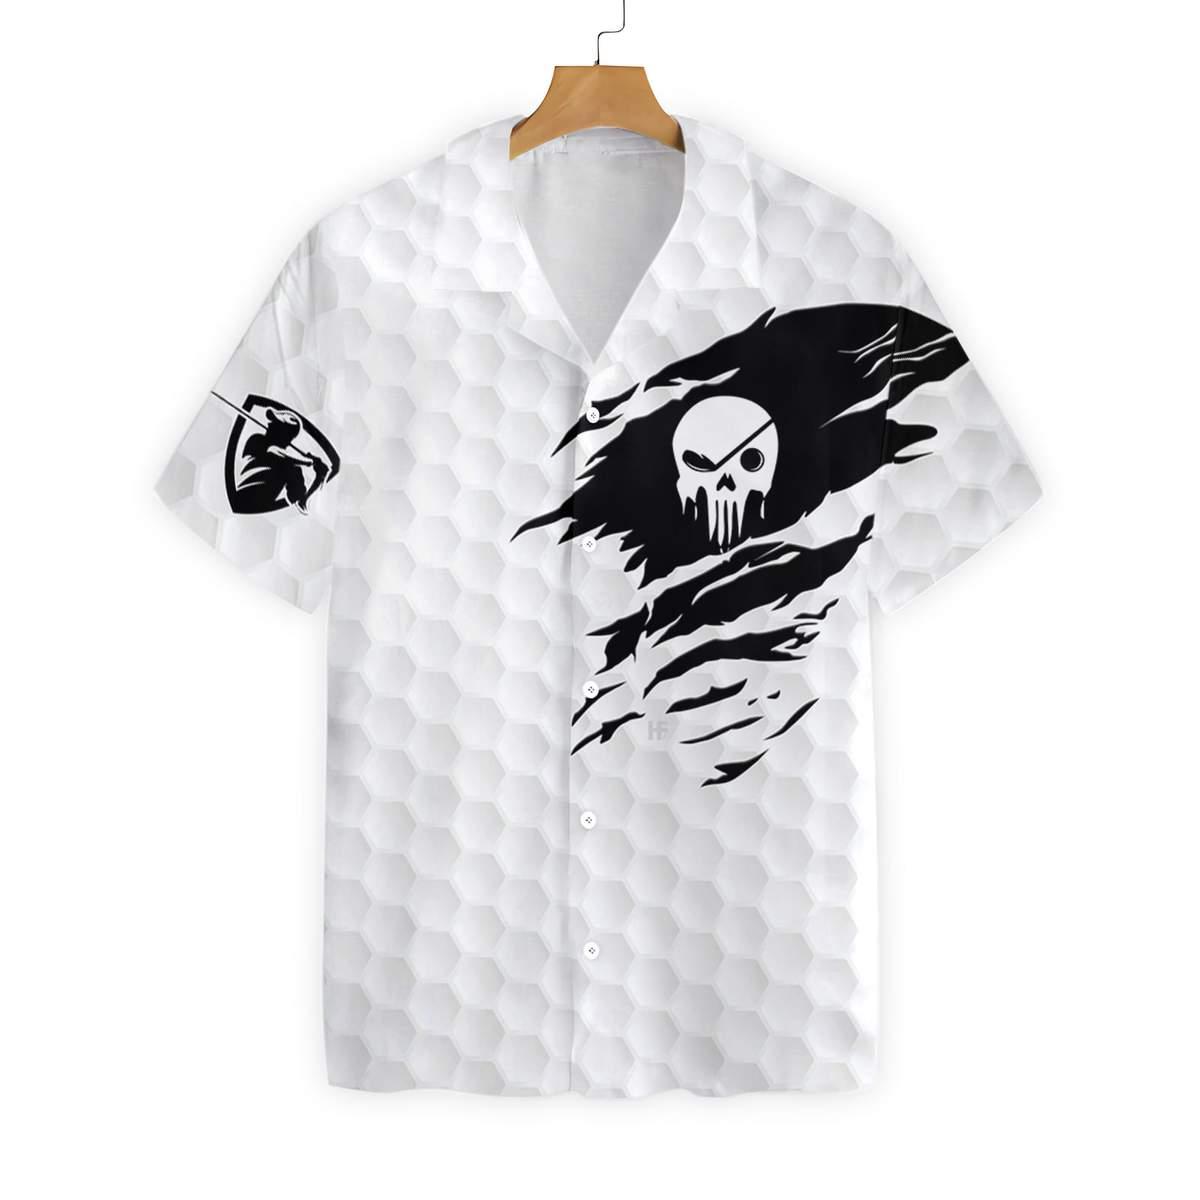 The Golf Skull Hawaiian Shirt